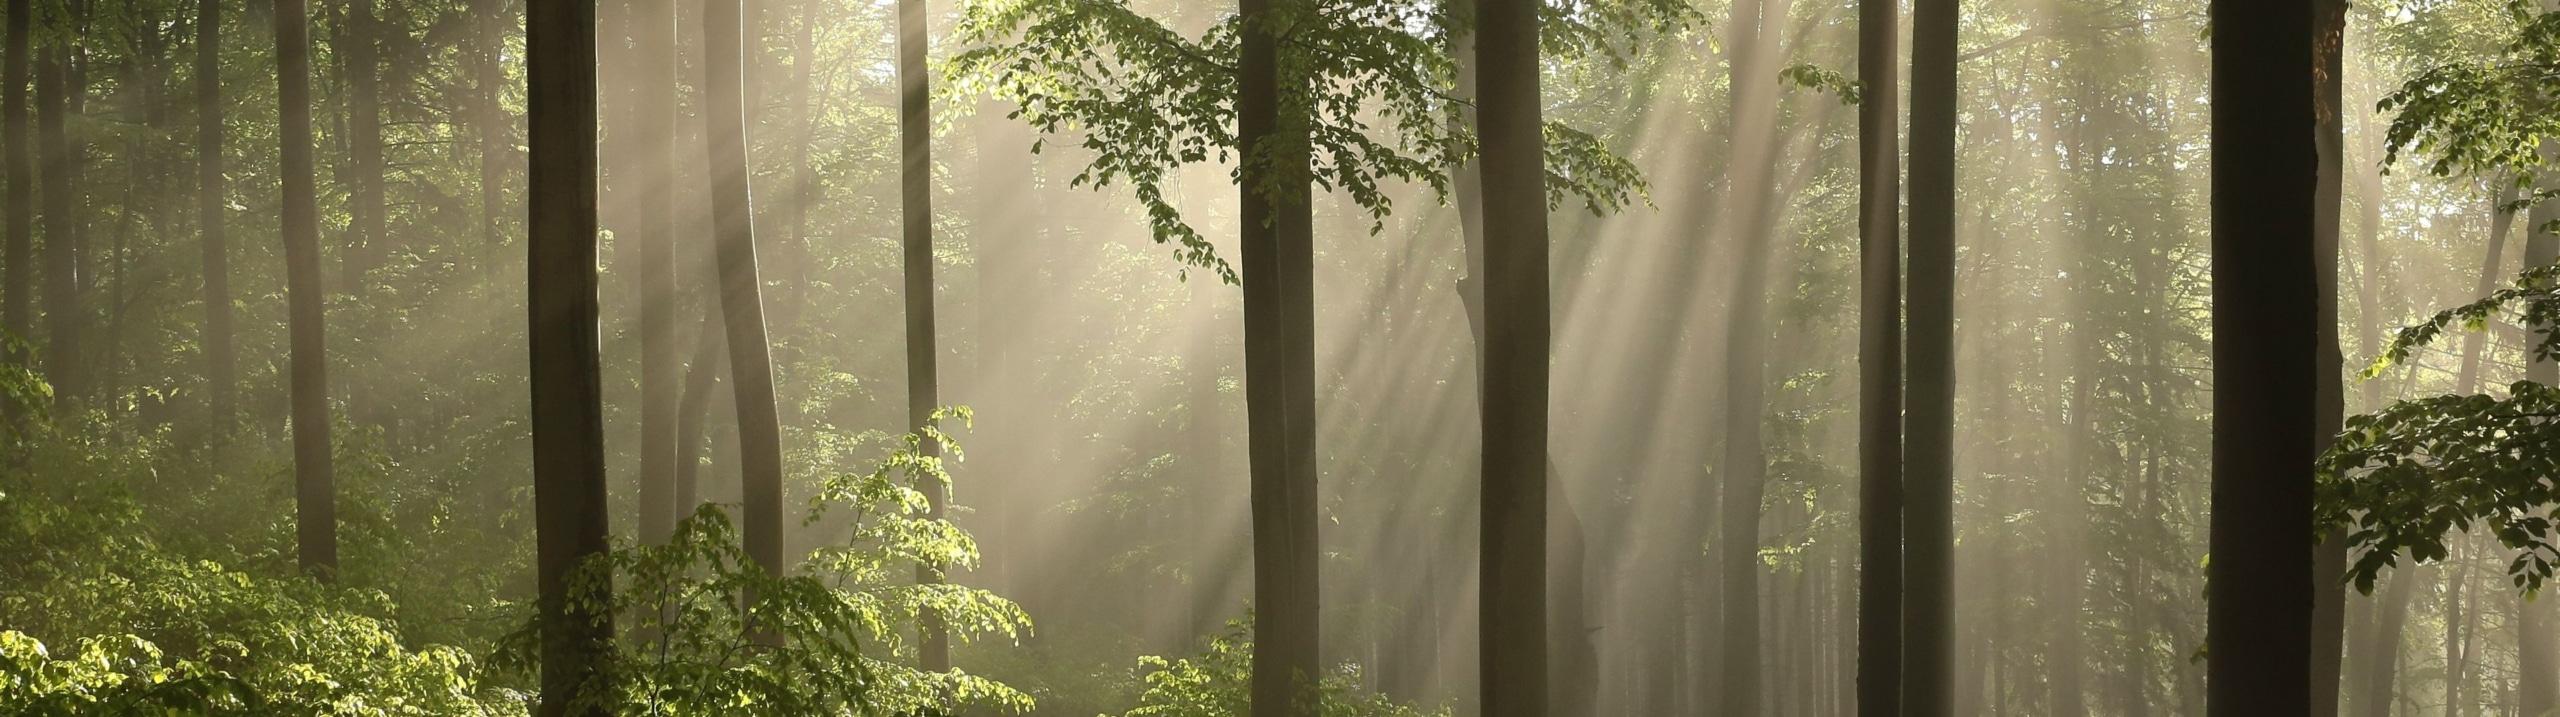 Brennholz aus feinster Buche - Buchenwald